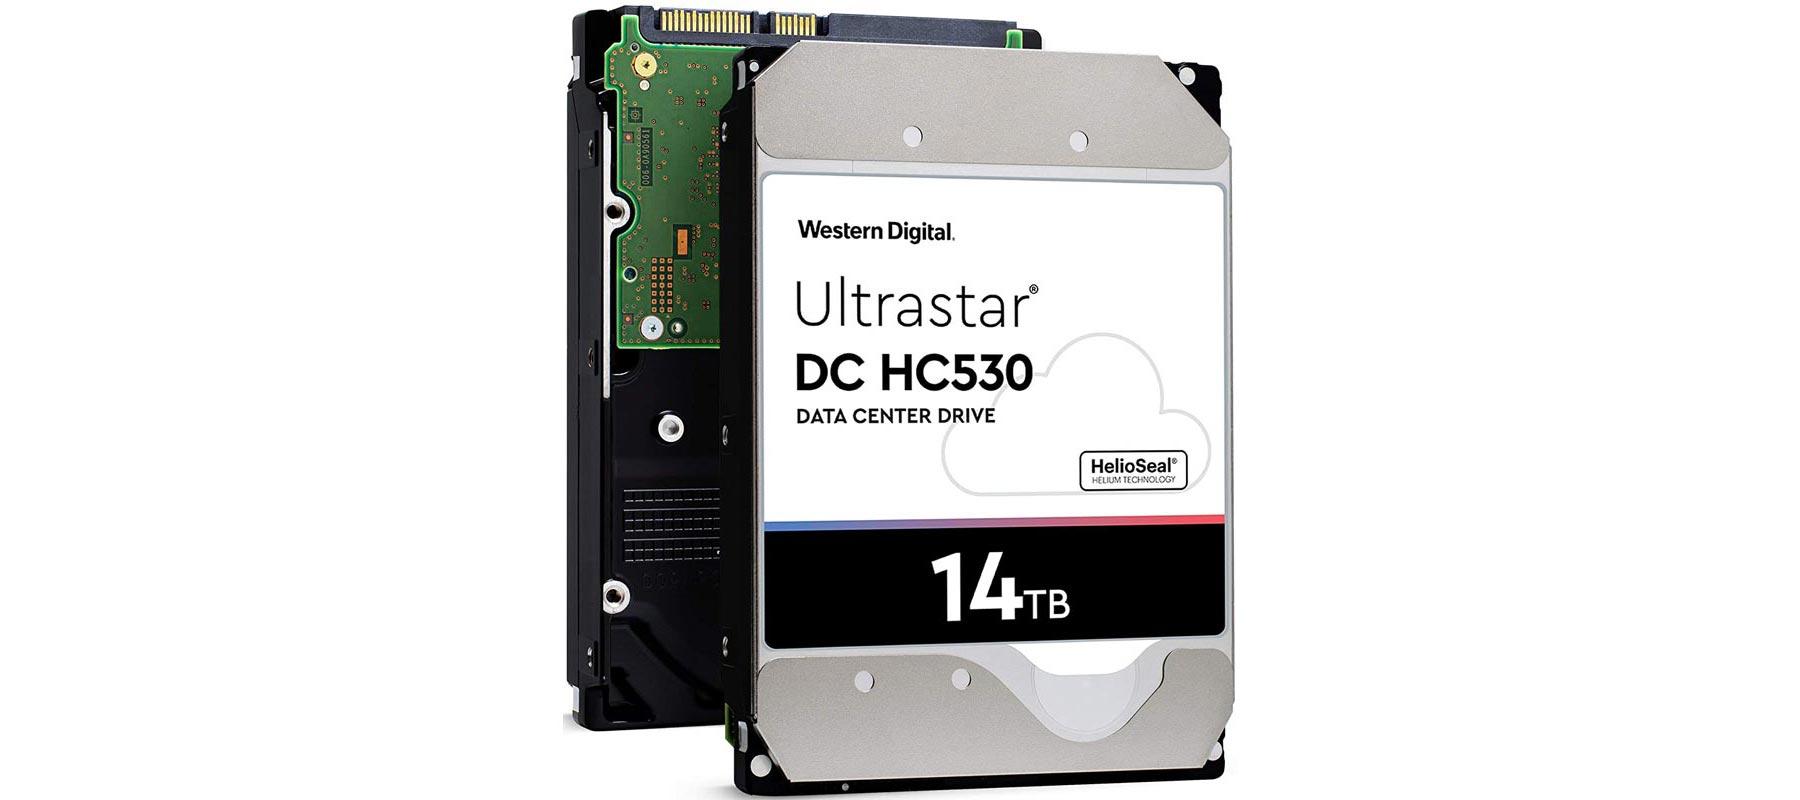 هارد دیسک وسترن دیجیتال Ultrastar DC HC530 ظرفیت 14 ترابایت